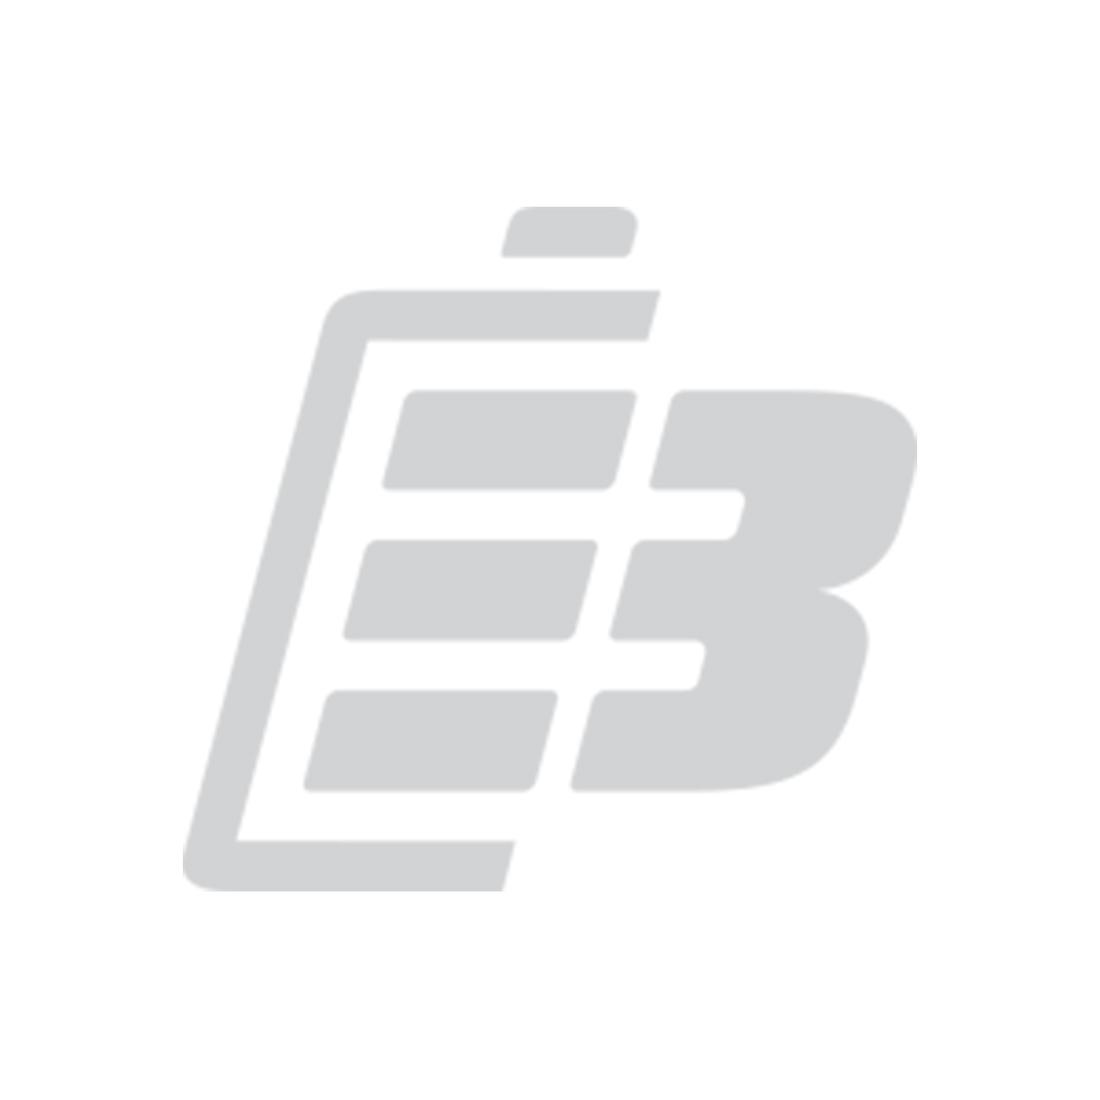 Μπαταρία Laptop Asus X550_1